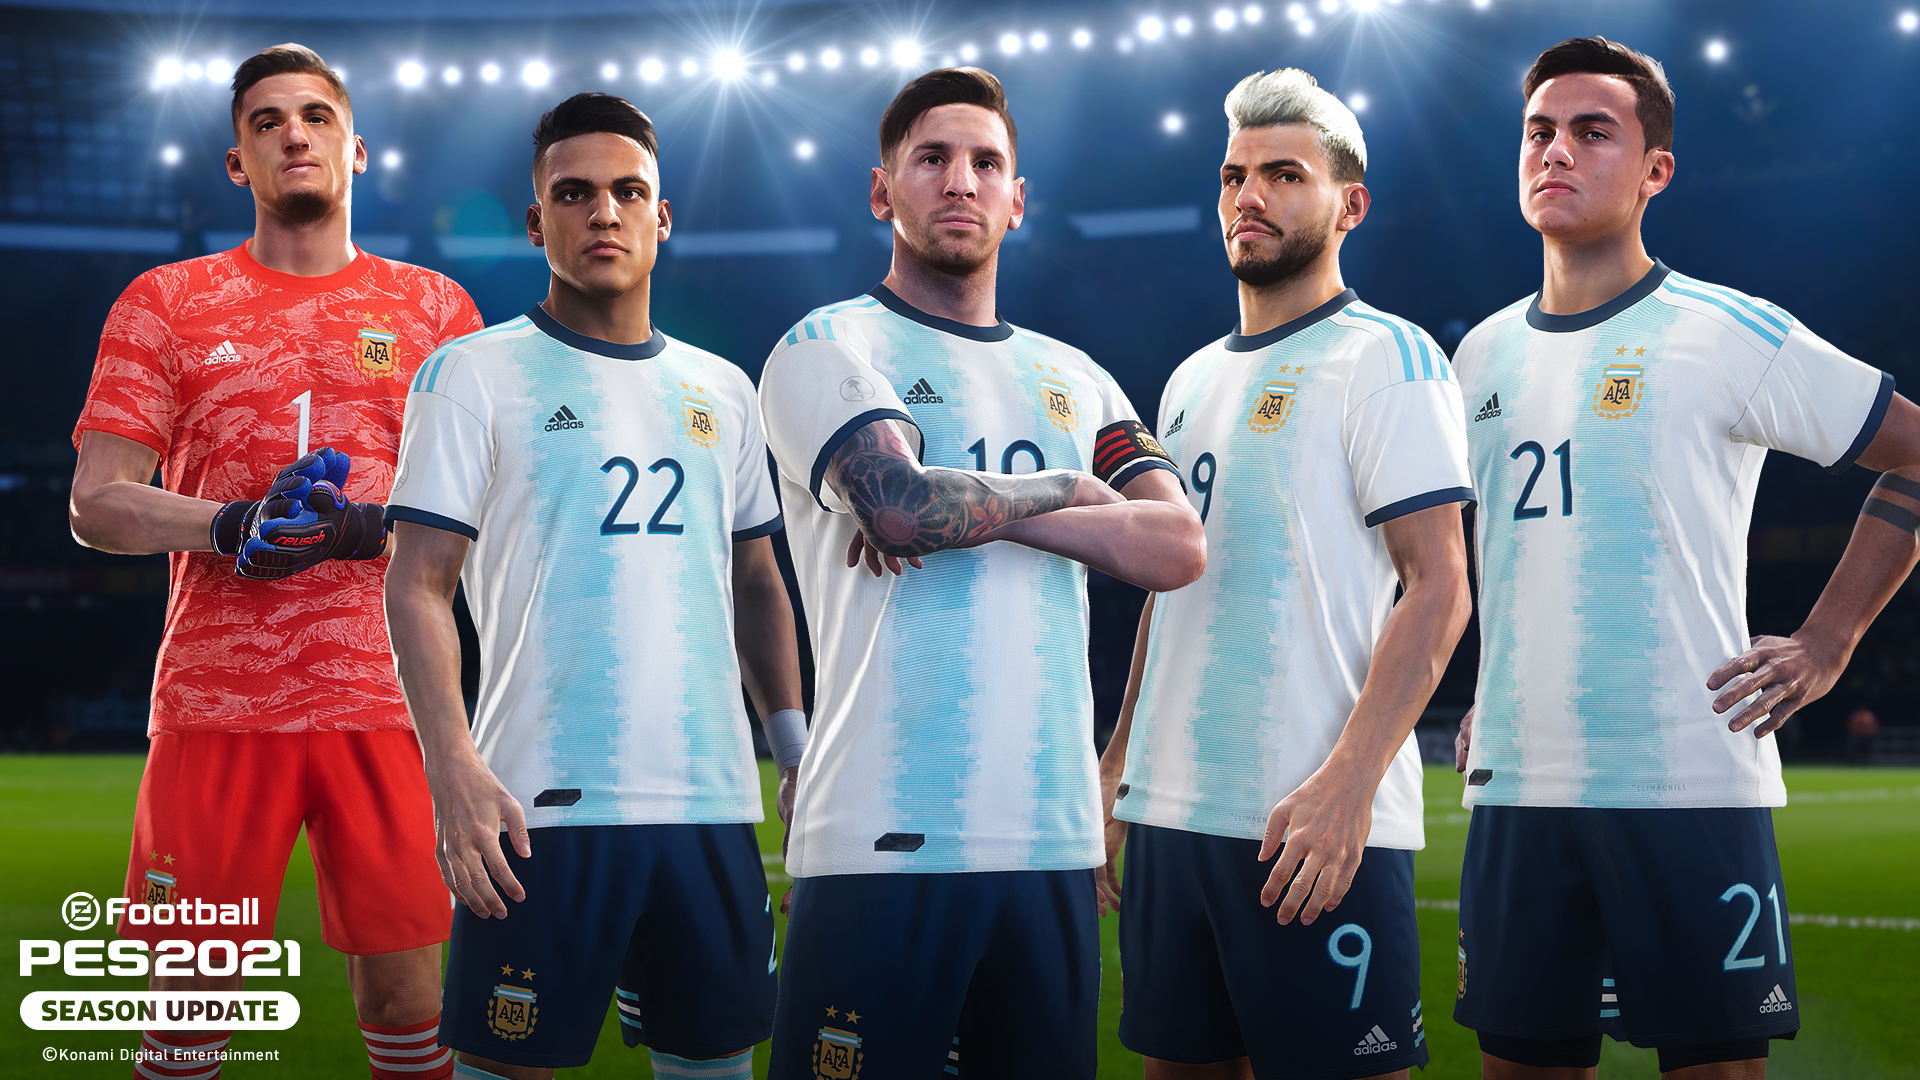 KONAMI anuncia parceria com a Associação Argentina de Futebol como parceiro oficial